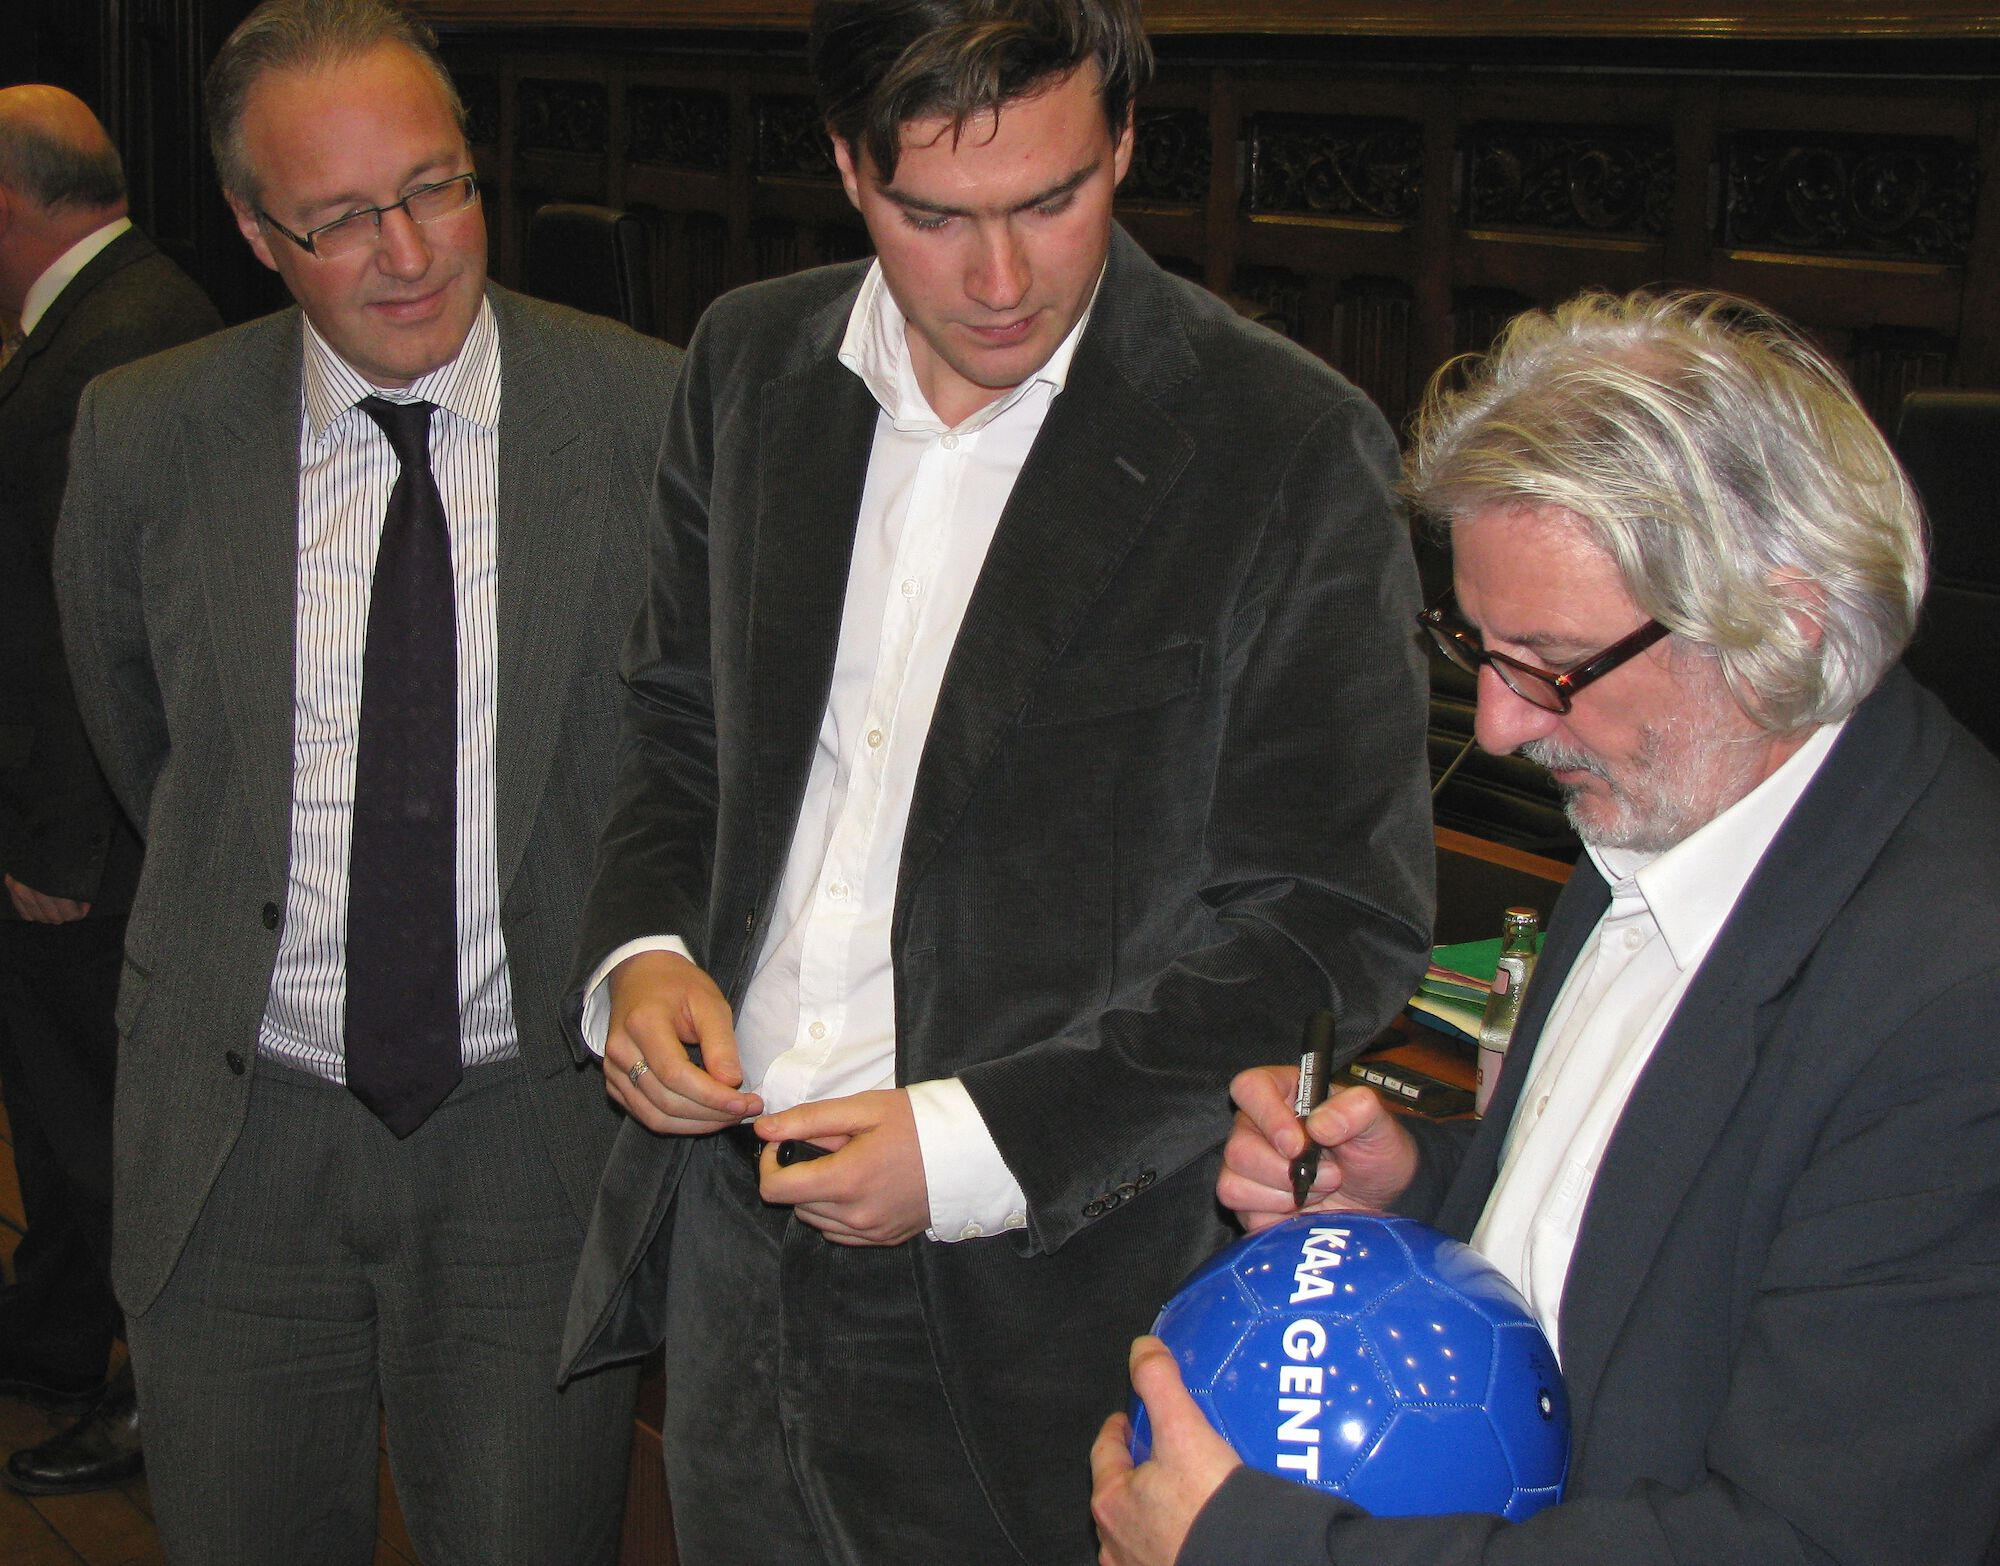 schepen Coddens en De Clercq en stadssecretaris ondertekenen bal.jpg